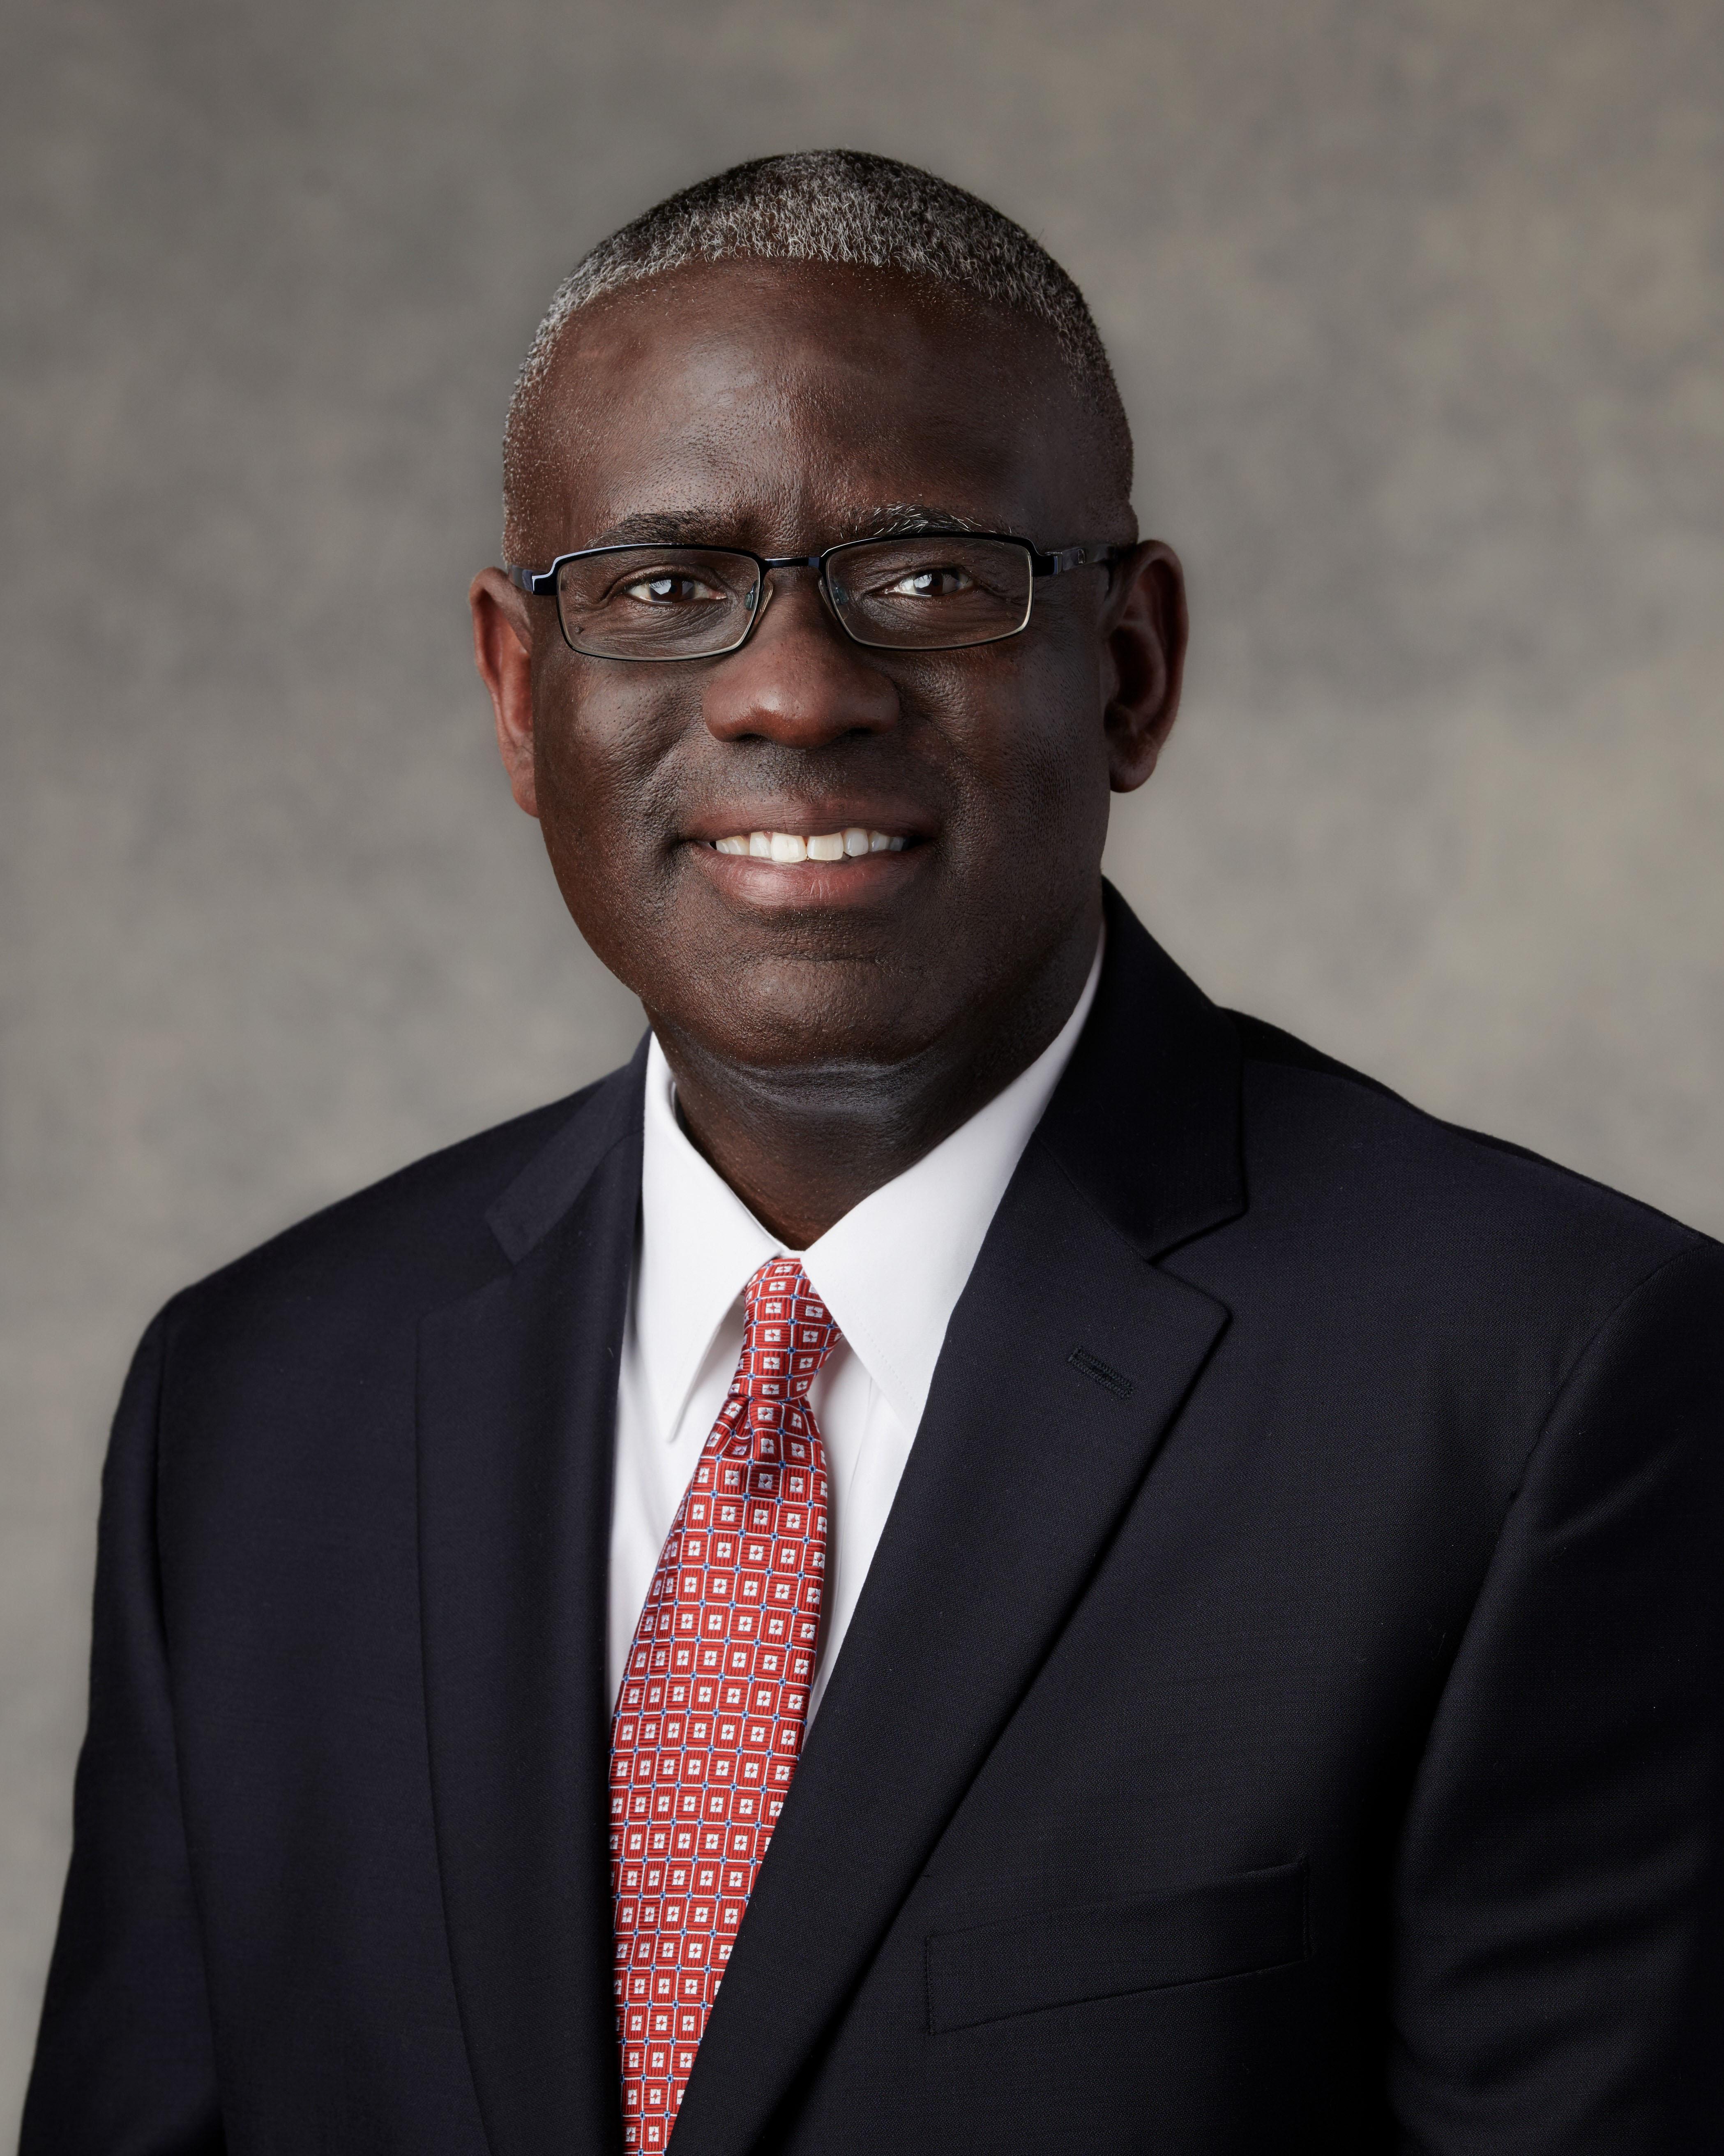 El sábado, 6 de abril de 2019, el élder Peter M. Johnson fue sostenido como Autoridad General Setenta de La Iglesia de Jesucristo de los Santos de los Últimos Días